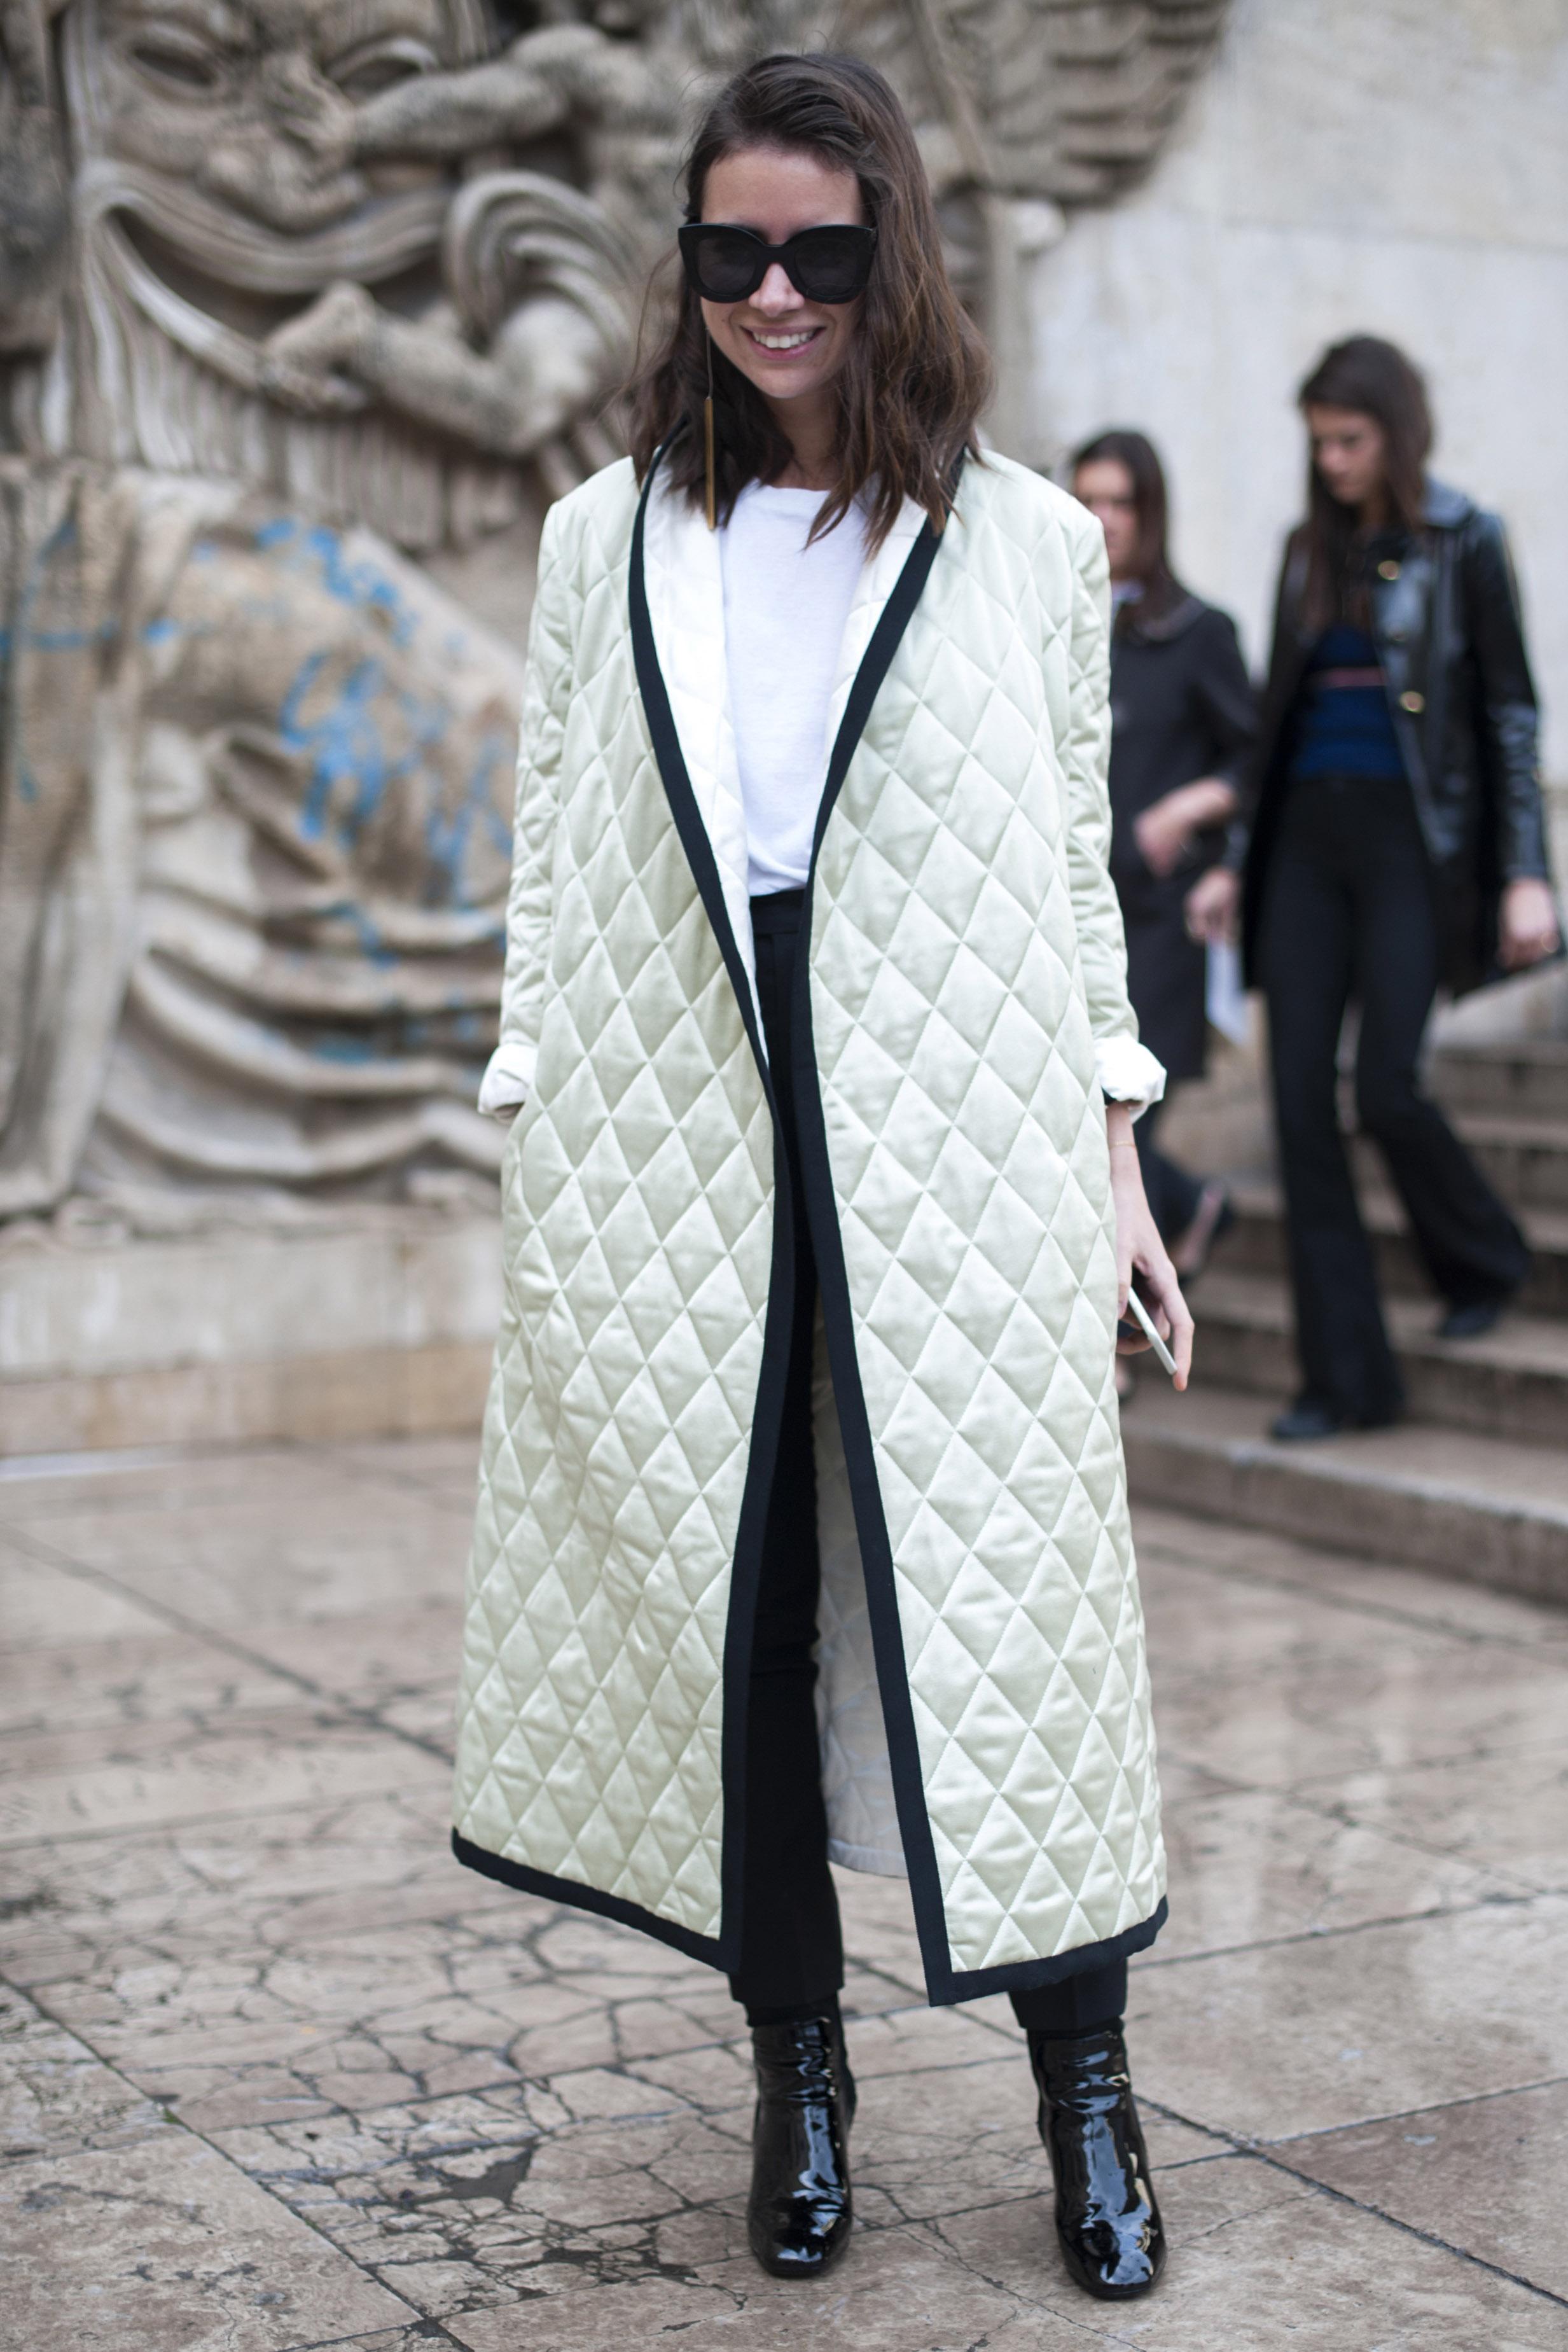 재킷 같이 얇고 기다란 퀼팅 패딩으로 한껏 드레스업 해볼 것.